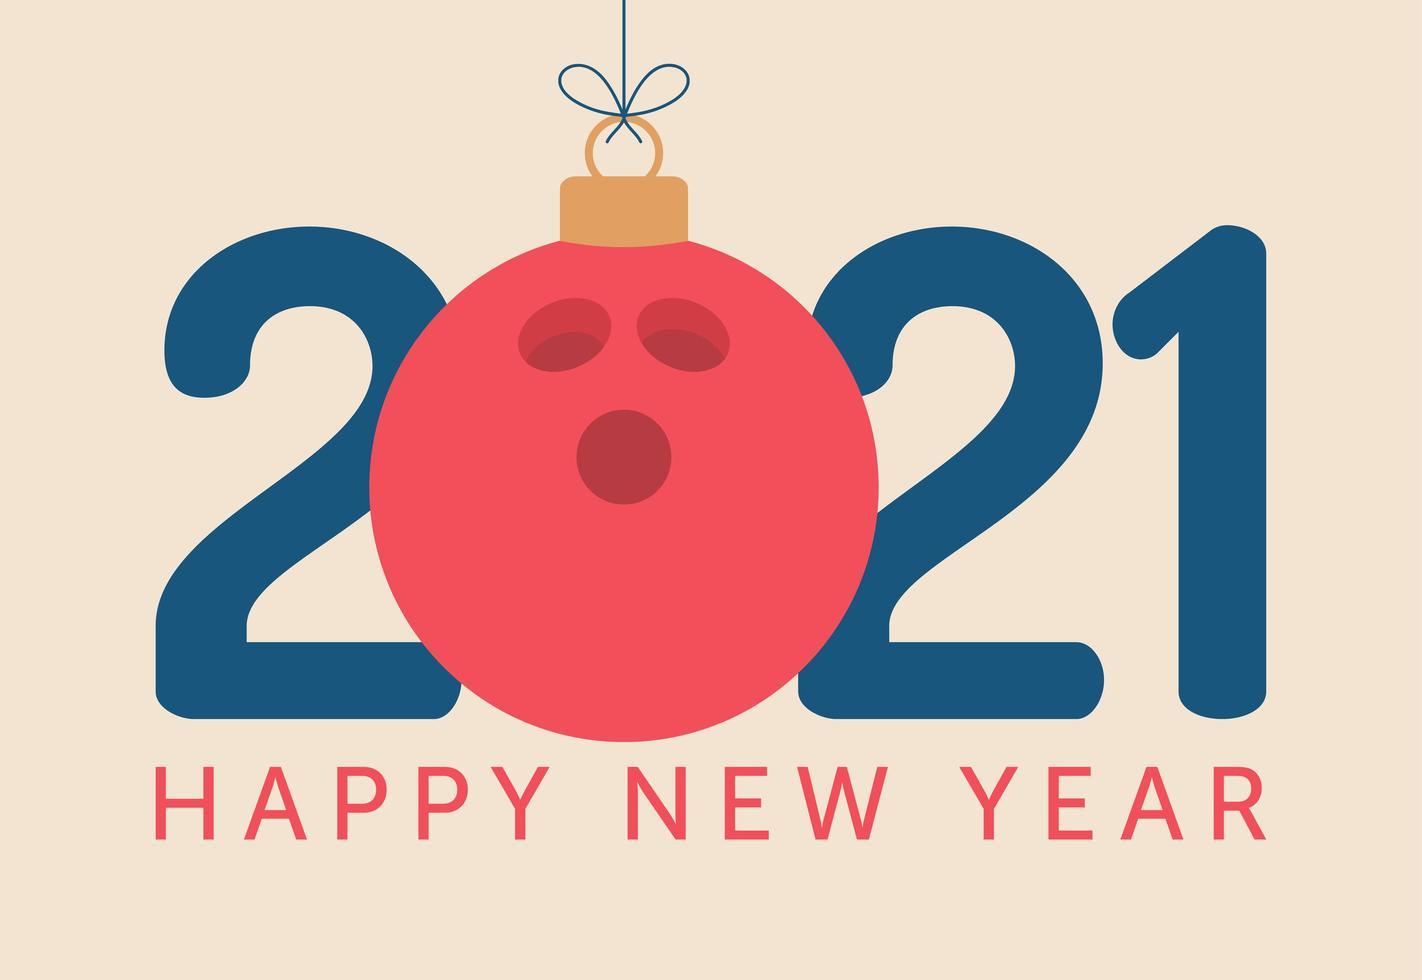 2021 gott nytt år typografi med bowlingboll prydnad vektor